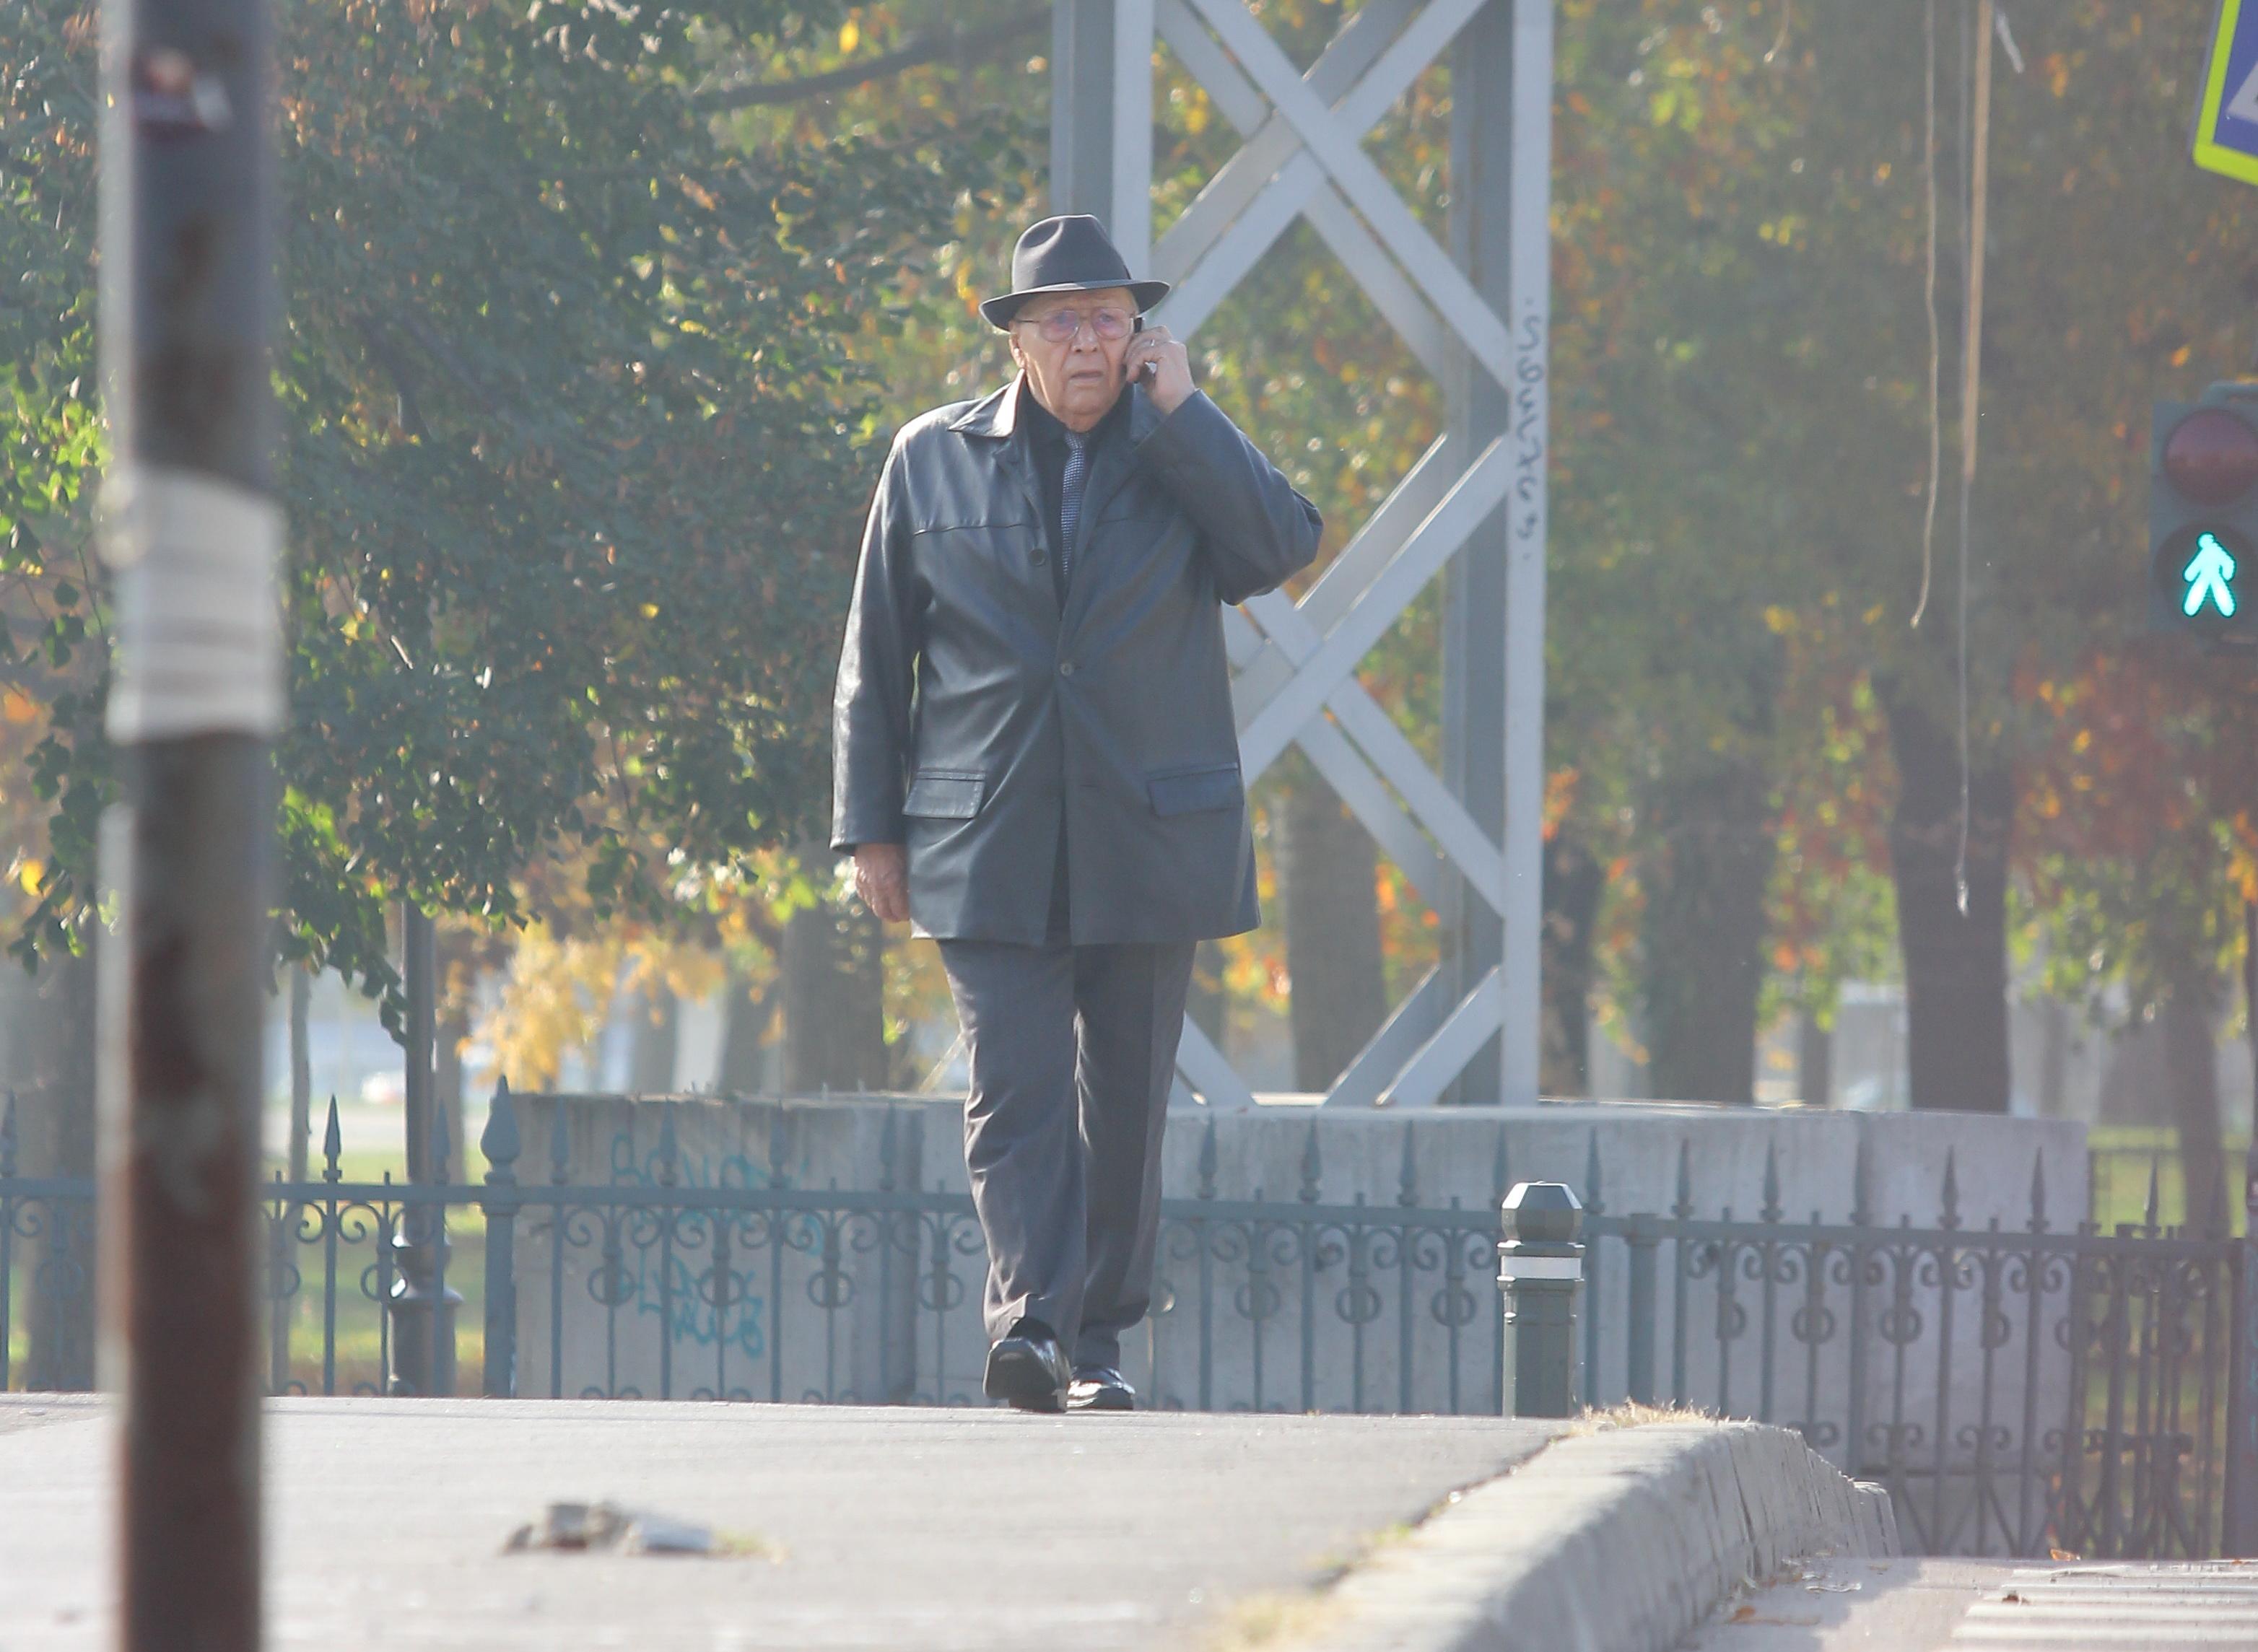 La scurt timp dupa ce a plecat de la Parchet, fostul comandant de la Periprava a discutat cu cineva la telefon